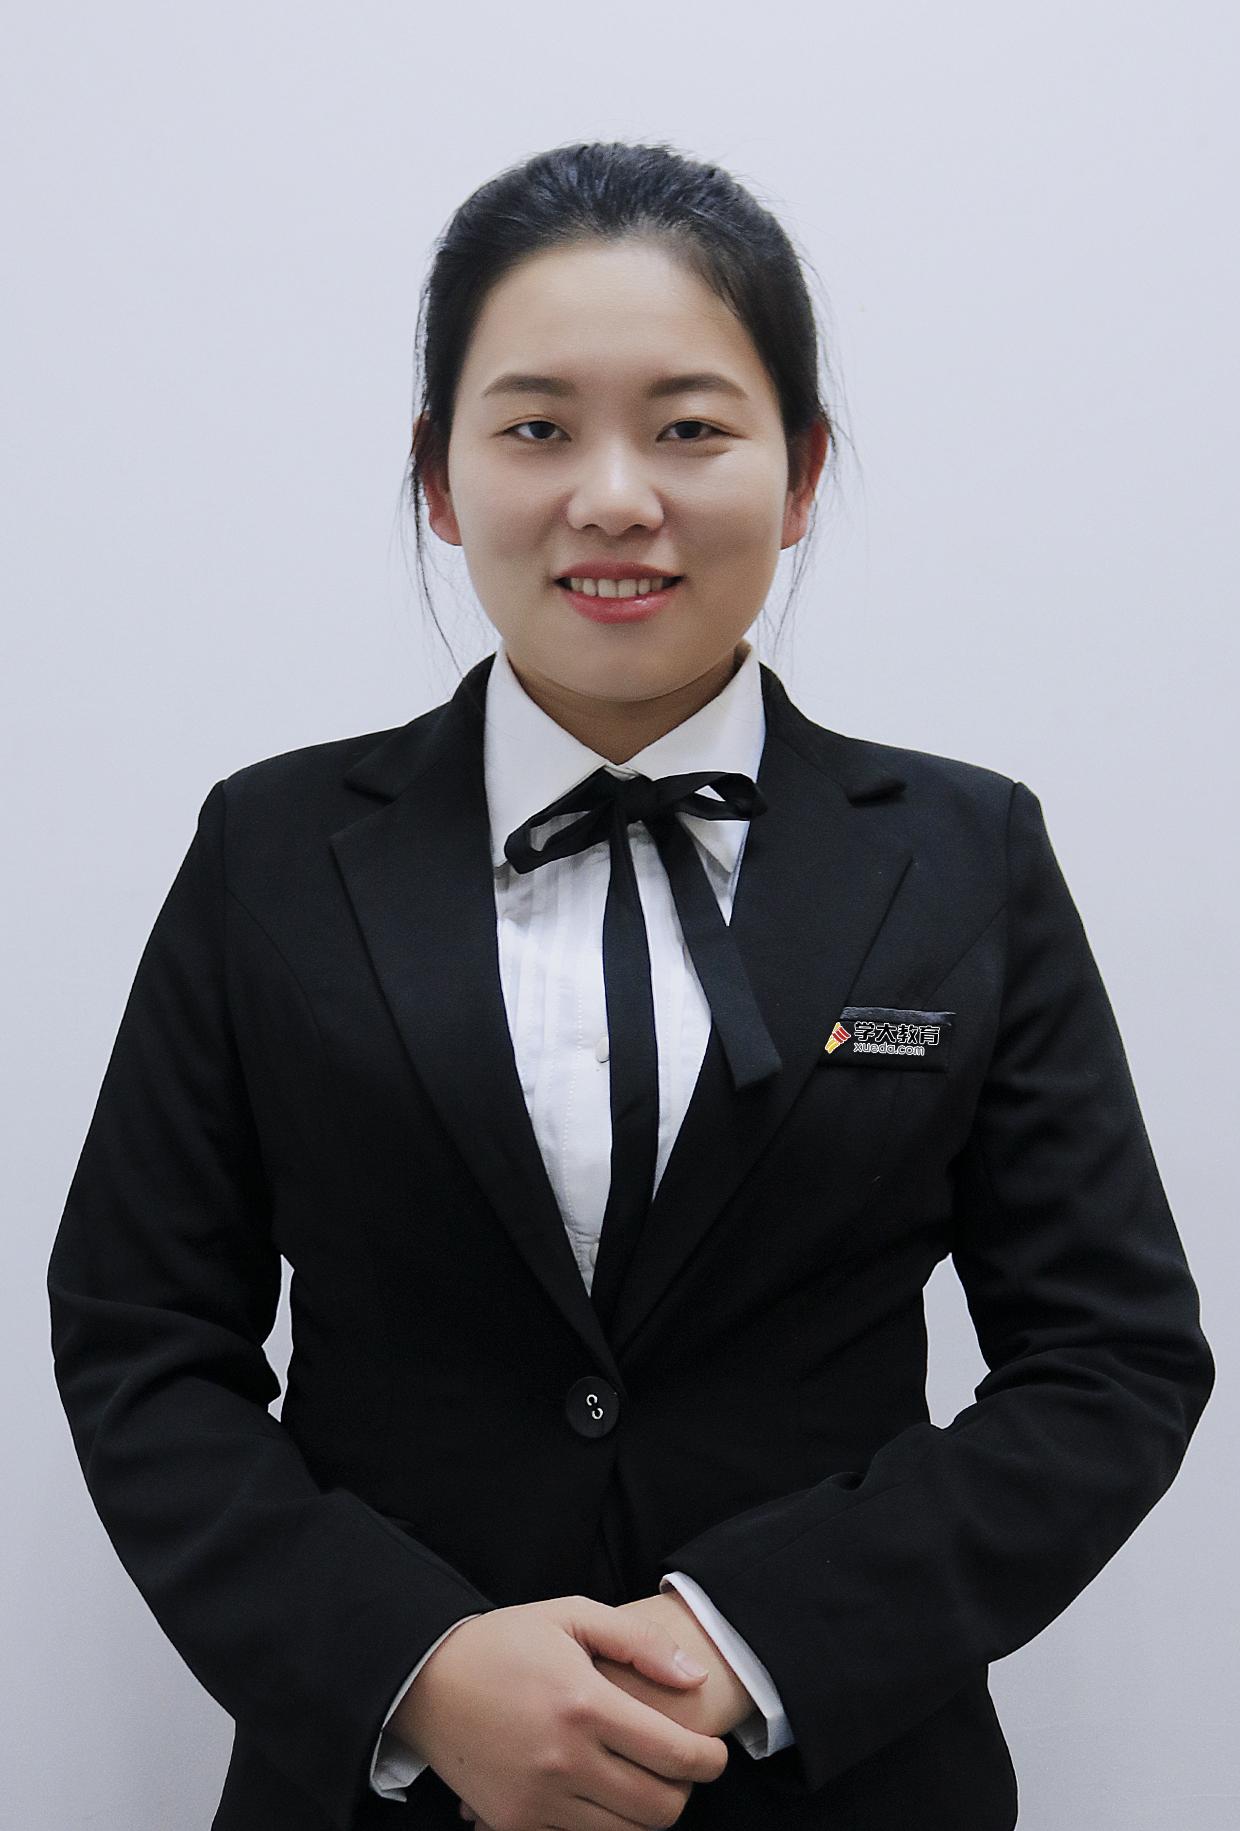 小学老师-小学语文老师_许呈丹